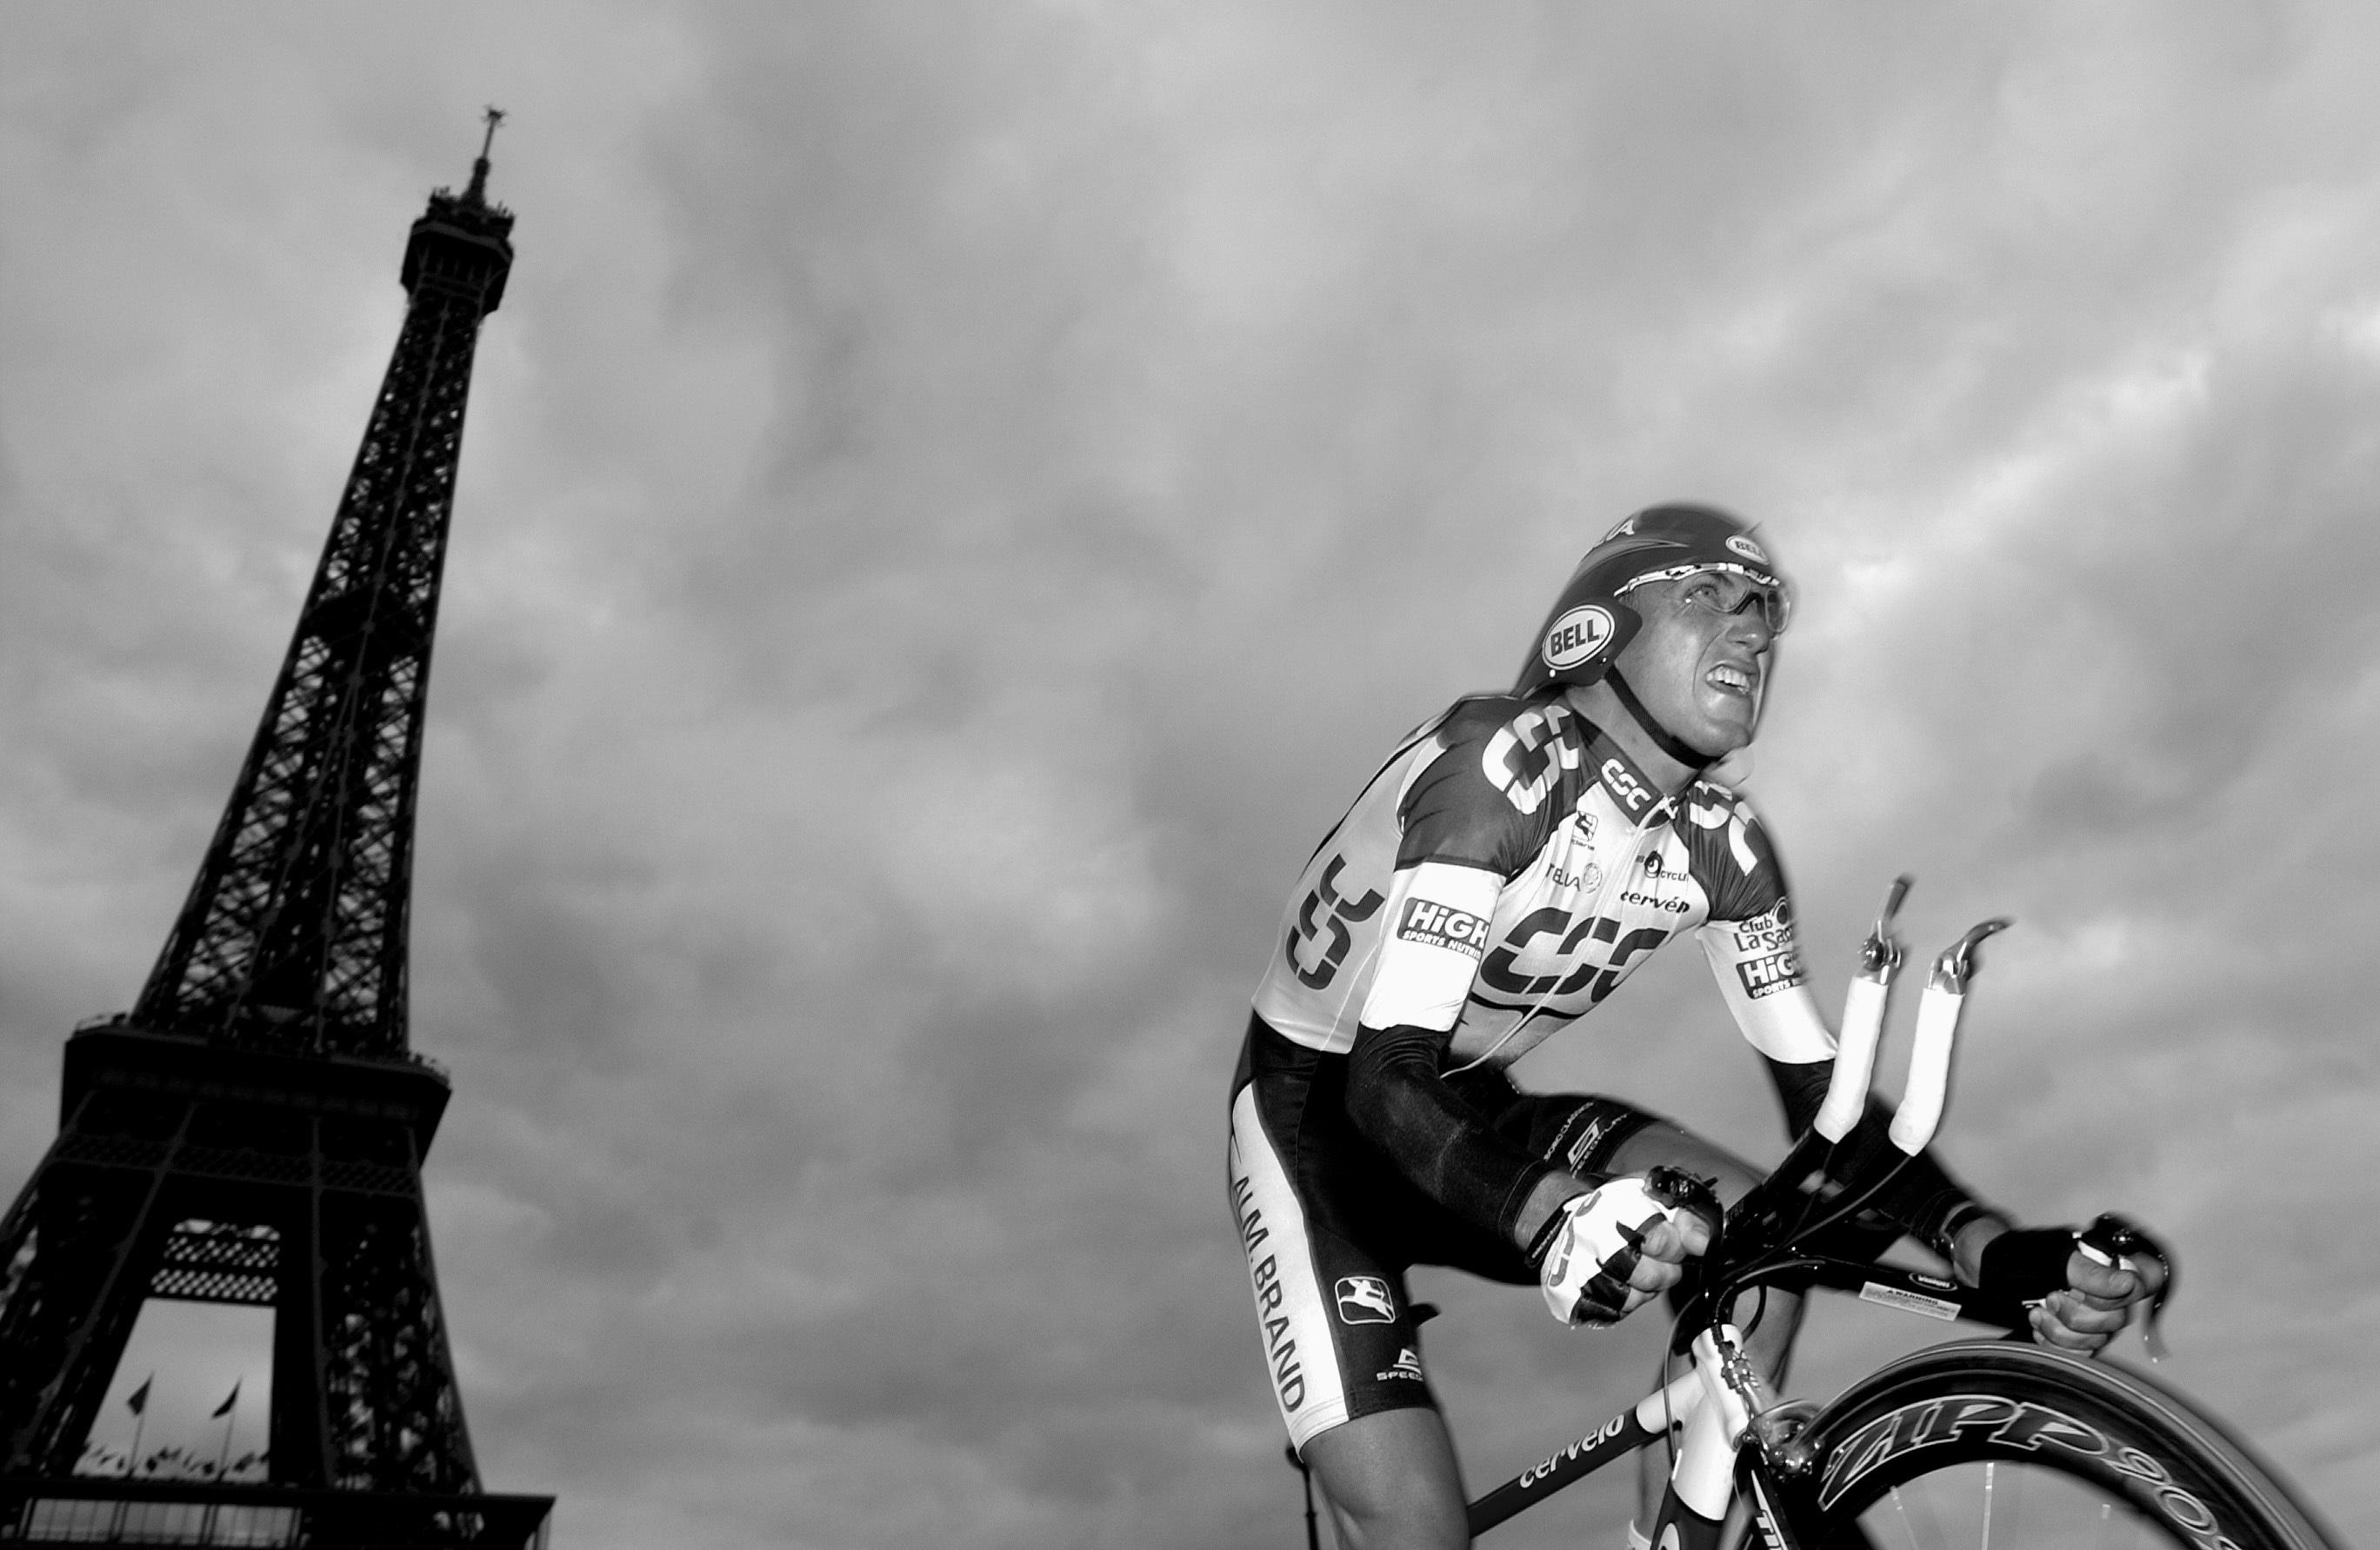 Tyler Hamilton en el Tour de Francia de 2003. Fotografía: Corbis.